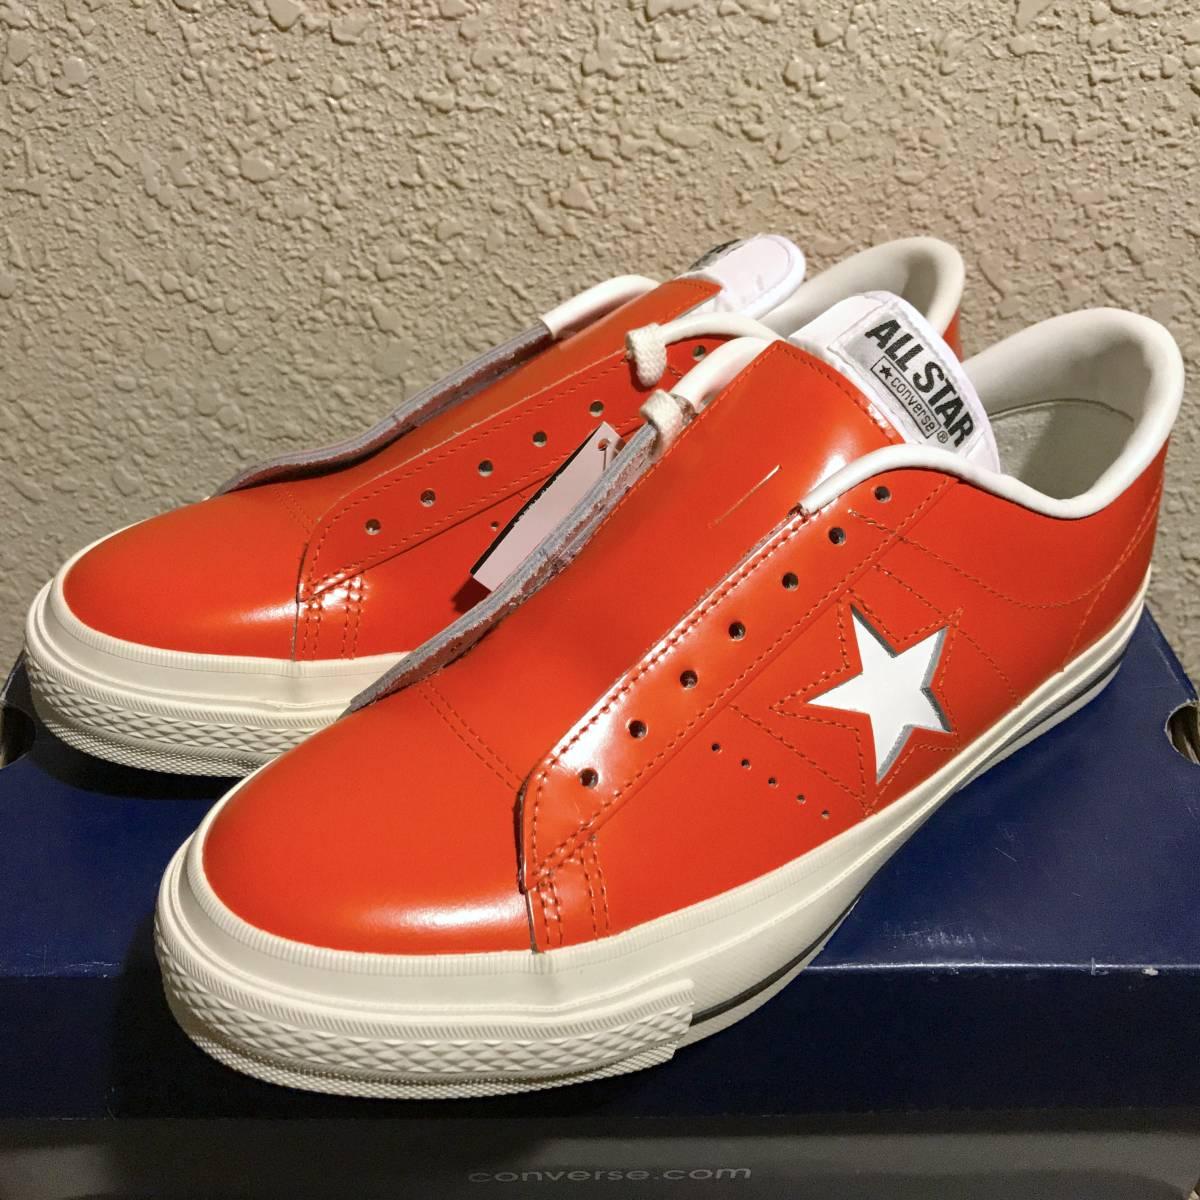 デッドストック 日本製 CONVERSE ONE STAR OX ORANGE/WHITE 27cm US8.5 新品 オレンジ×ホワイト 限定 ONESTAR ワンスター MADE IN JAPAN_画像1